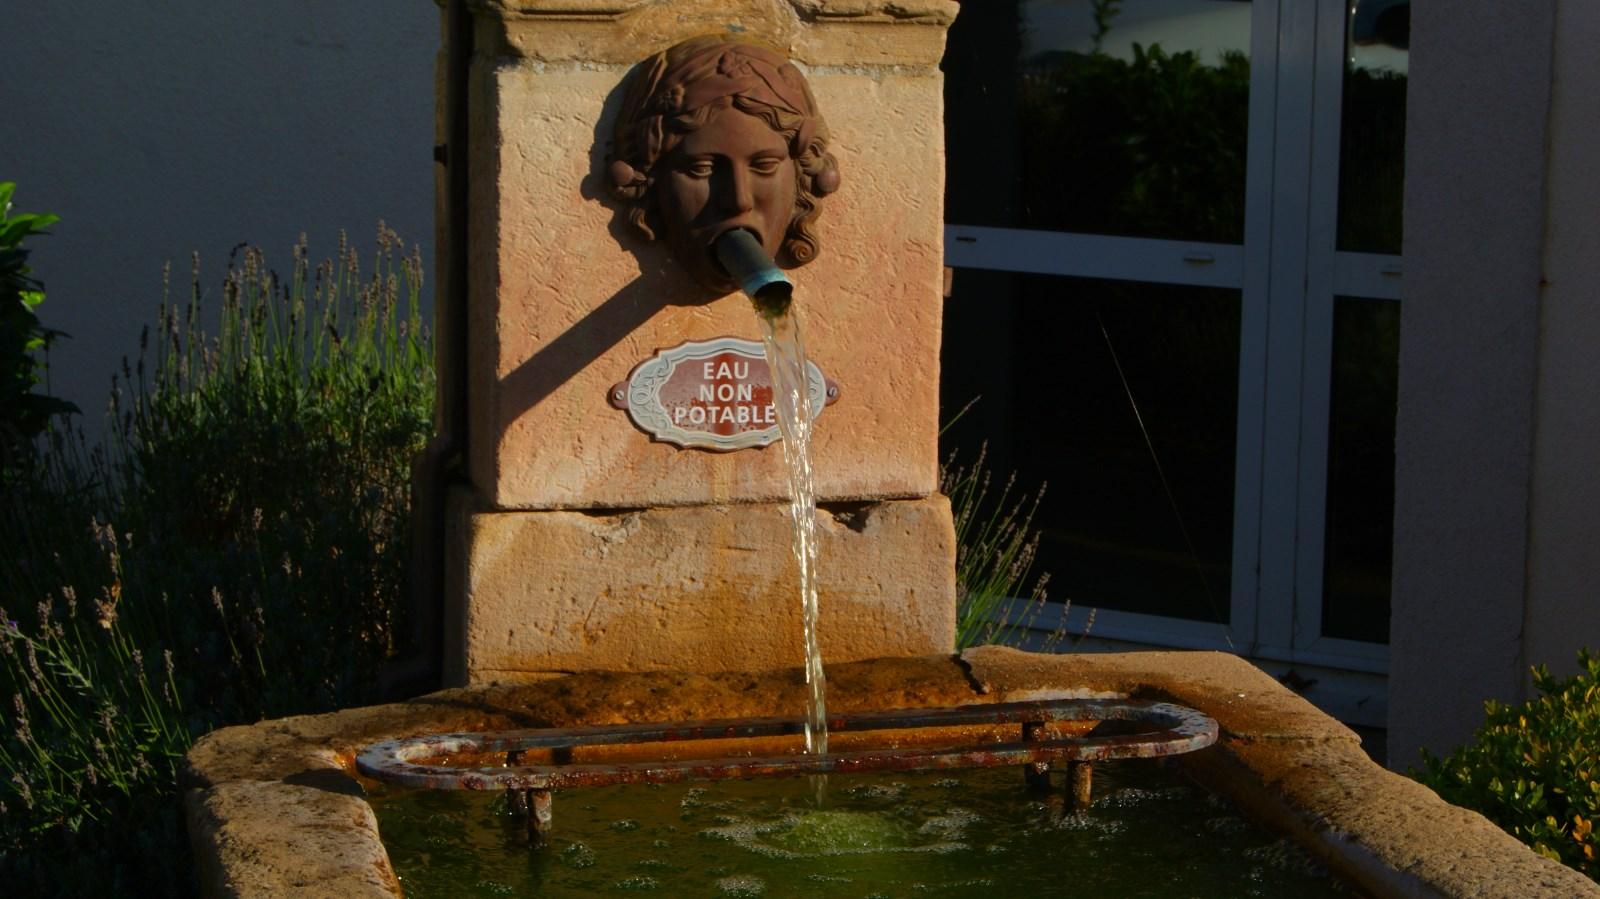 L eau coule de source jeuxey transvosges for Entretien jardin bourges